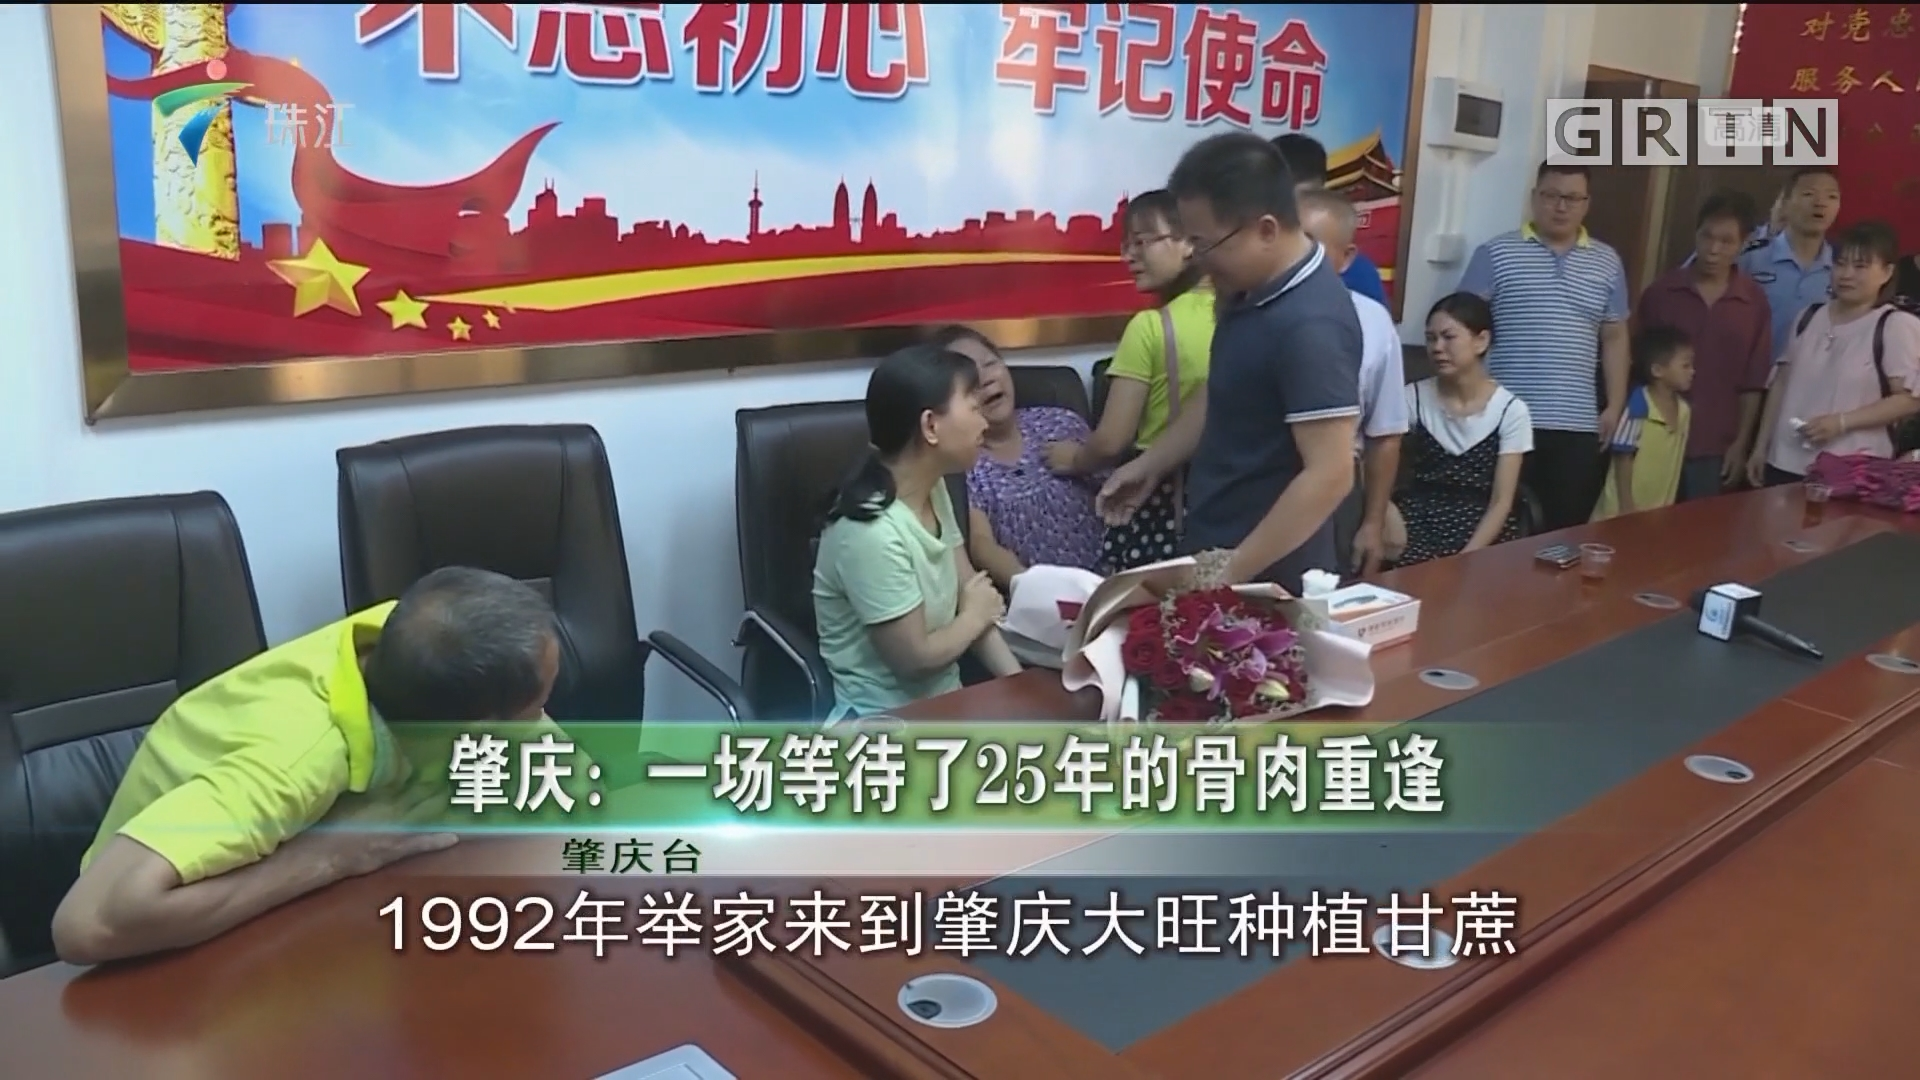 肇庆:一场等待了25年的骨肉重逢